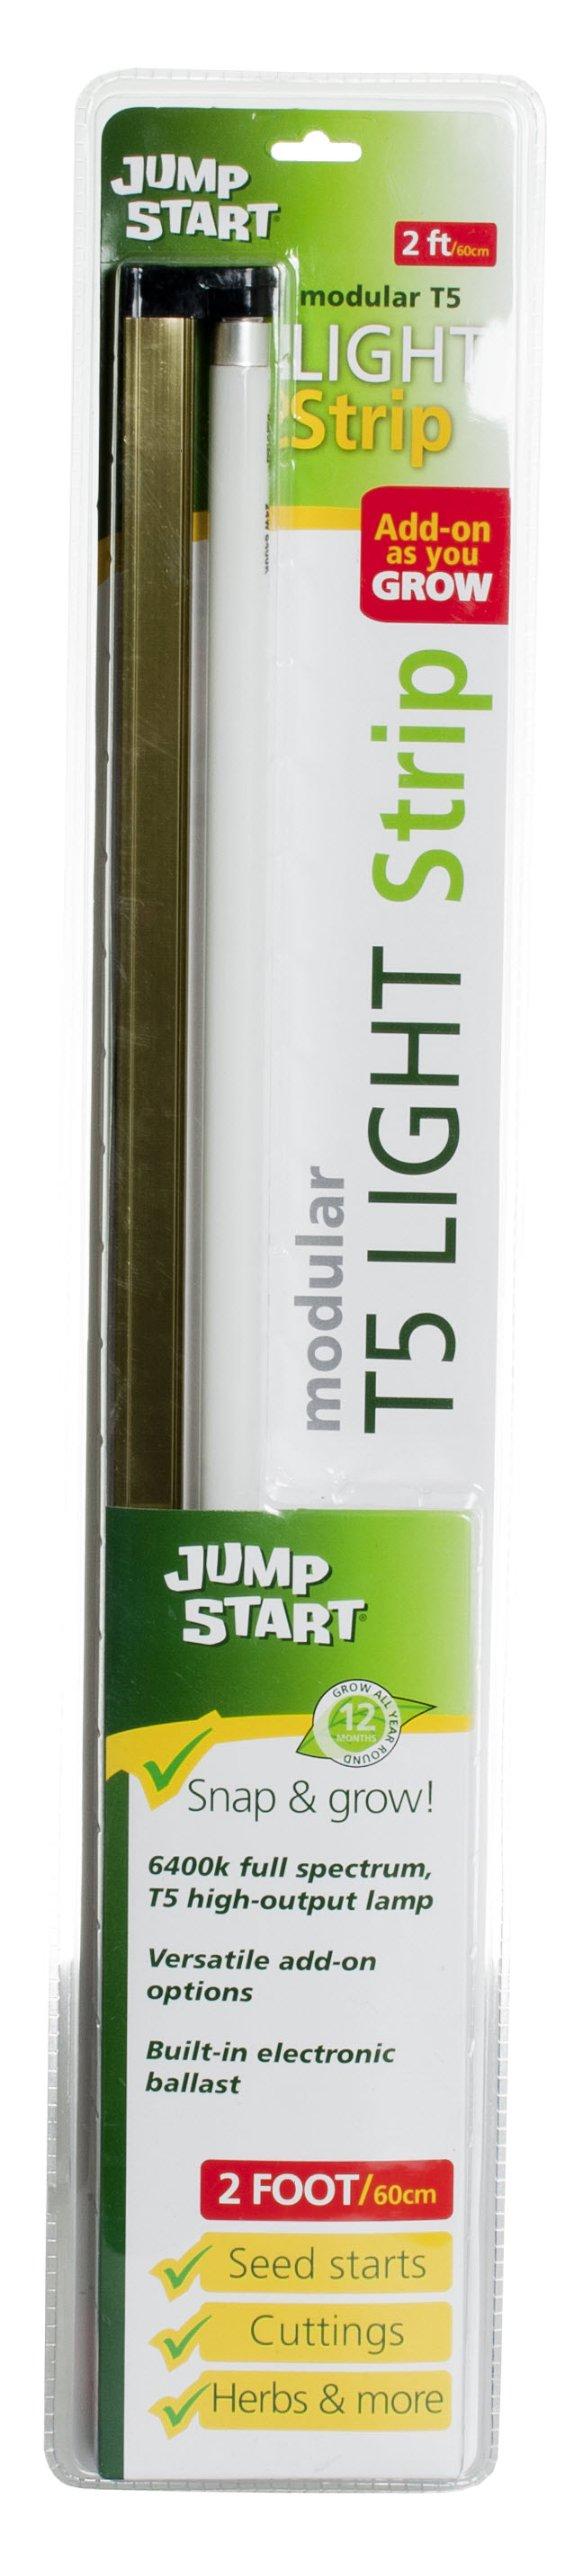 Hydrofarm Jump Start T5 Strip Fixture with Lamp, 2-Feet